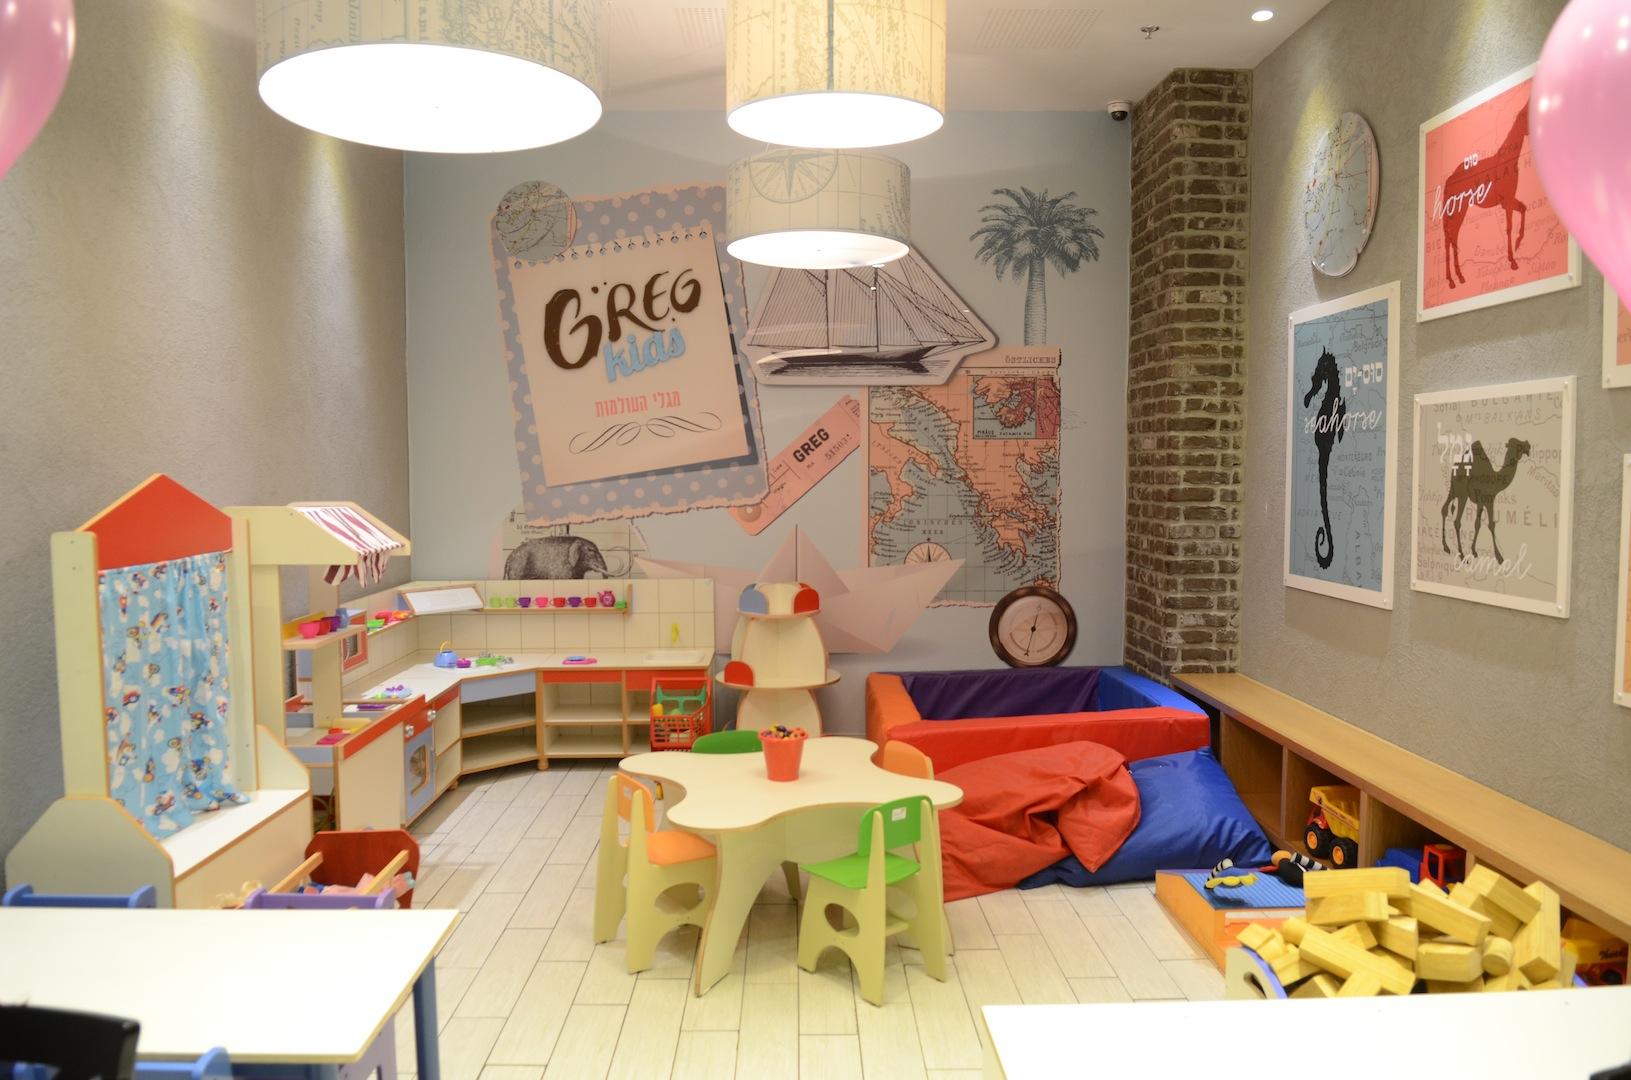 לראשונה בארץ: ארוחת תינוקות בבית קפה